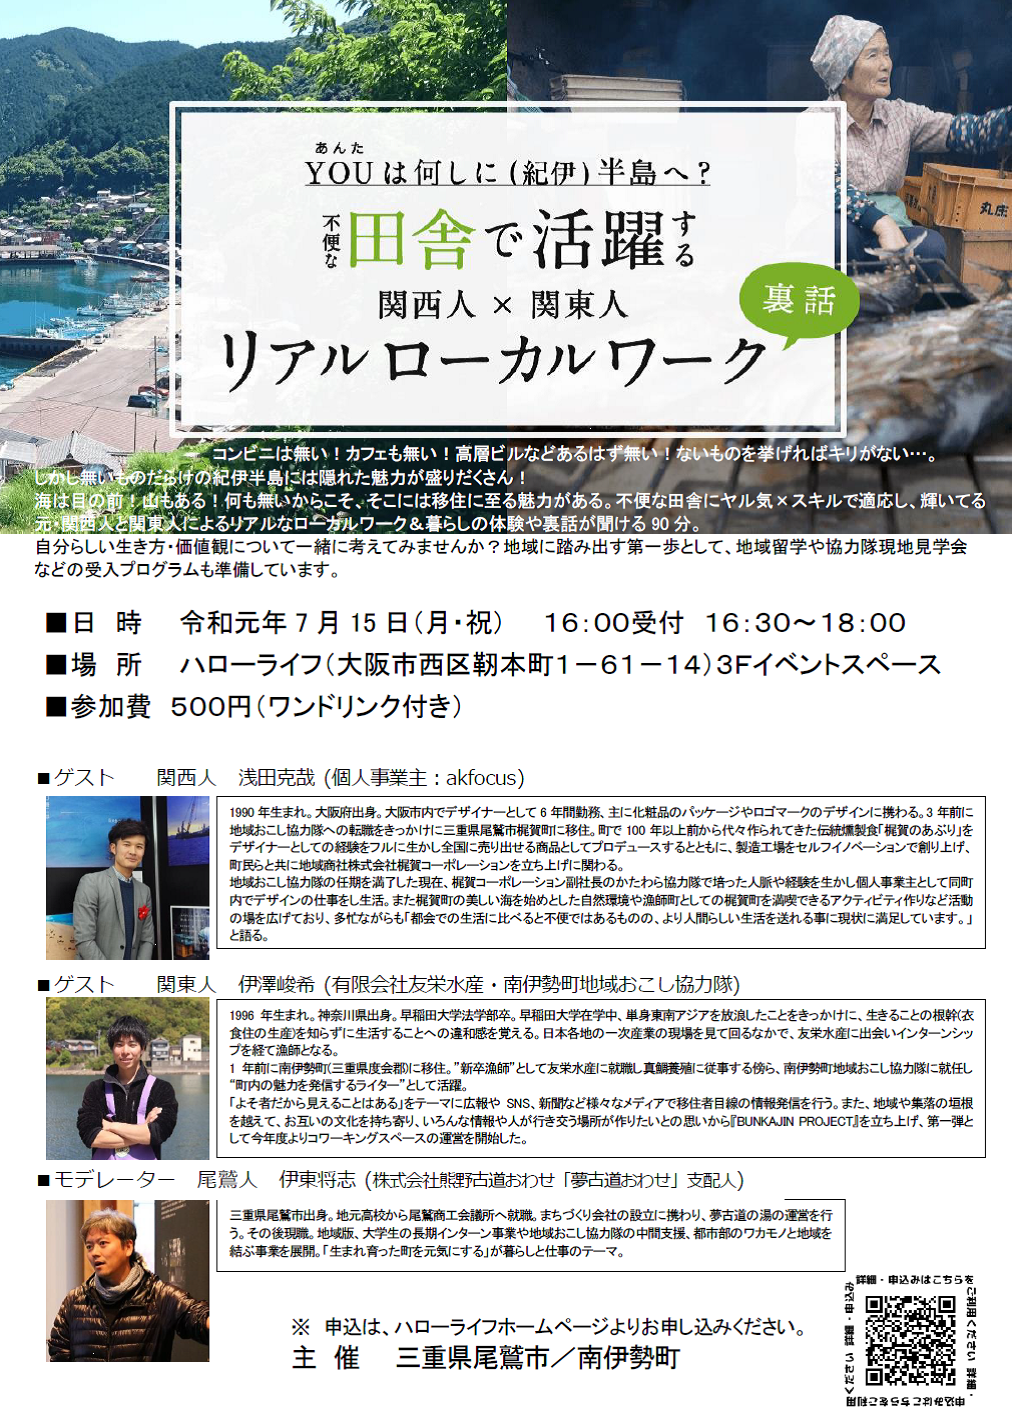 (終了しました)【7月15日(月・祝)大阪市】 【YOUは何しに(紀伊)半島へ?】 不便な田舎で活躍する関西人×関東人リアルローカルワーク裏話が開催されます!_写真1